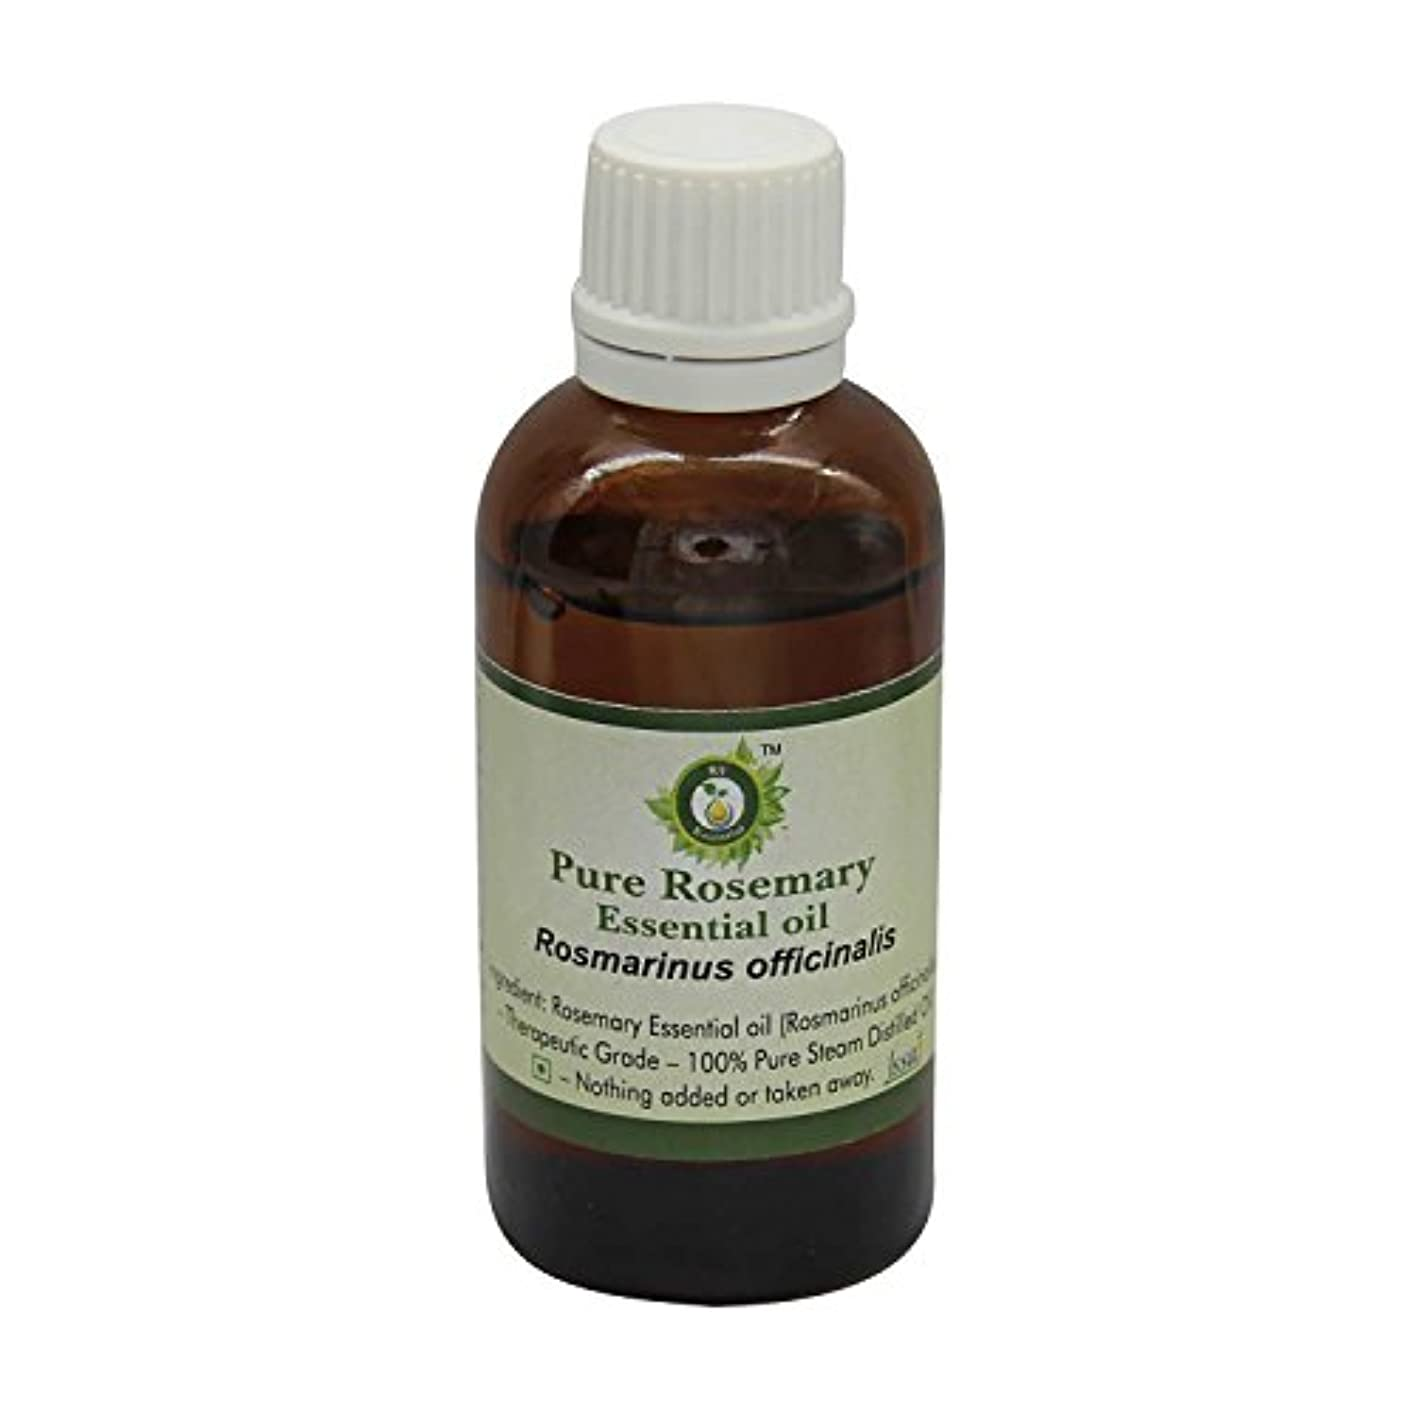 からに変化する記録数学者R V Essential ピュアローズマリーエッセンシャルオイル30ml (1.01oz)- Rosmarinus Officinalis (100%純粋&天然スチームDistilled) Pure Rosemary...